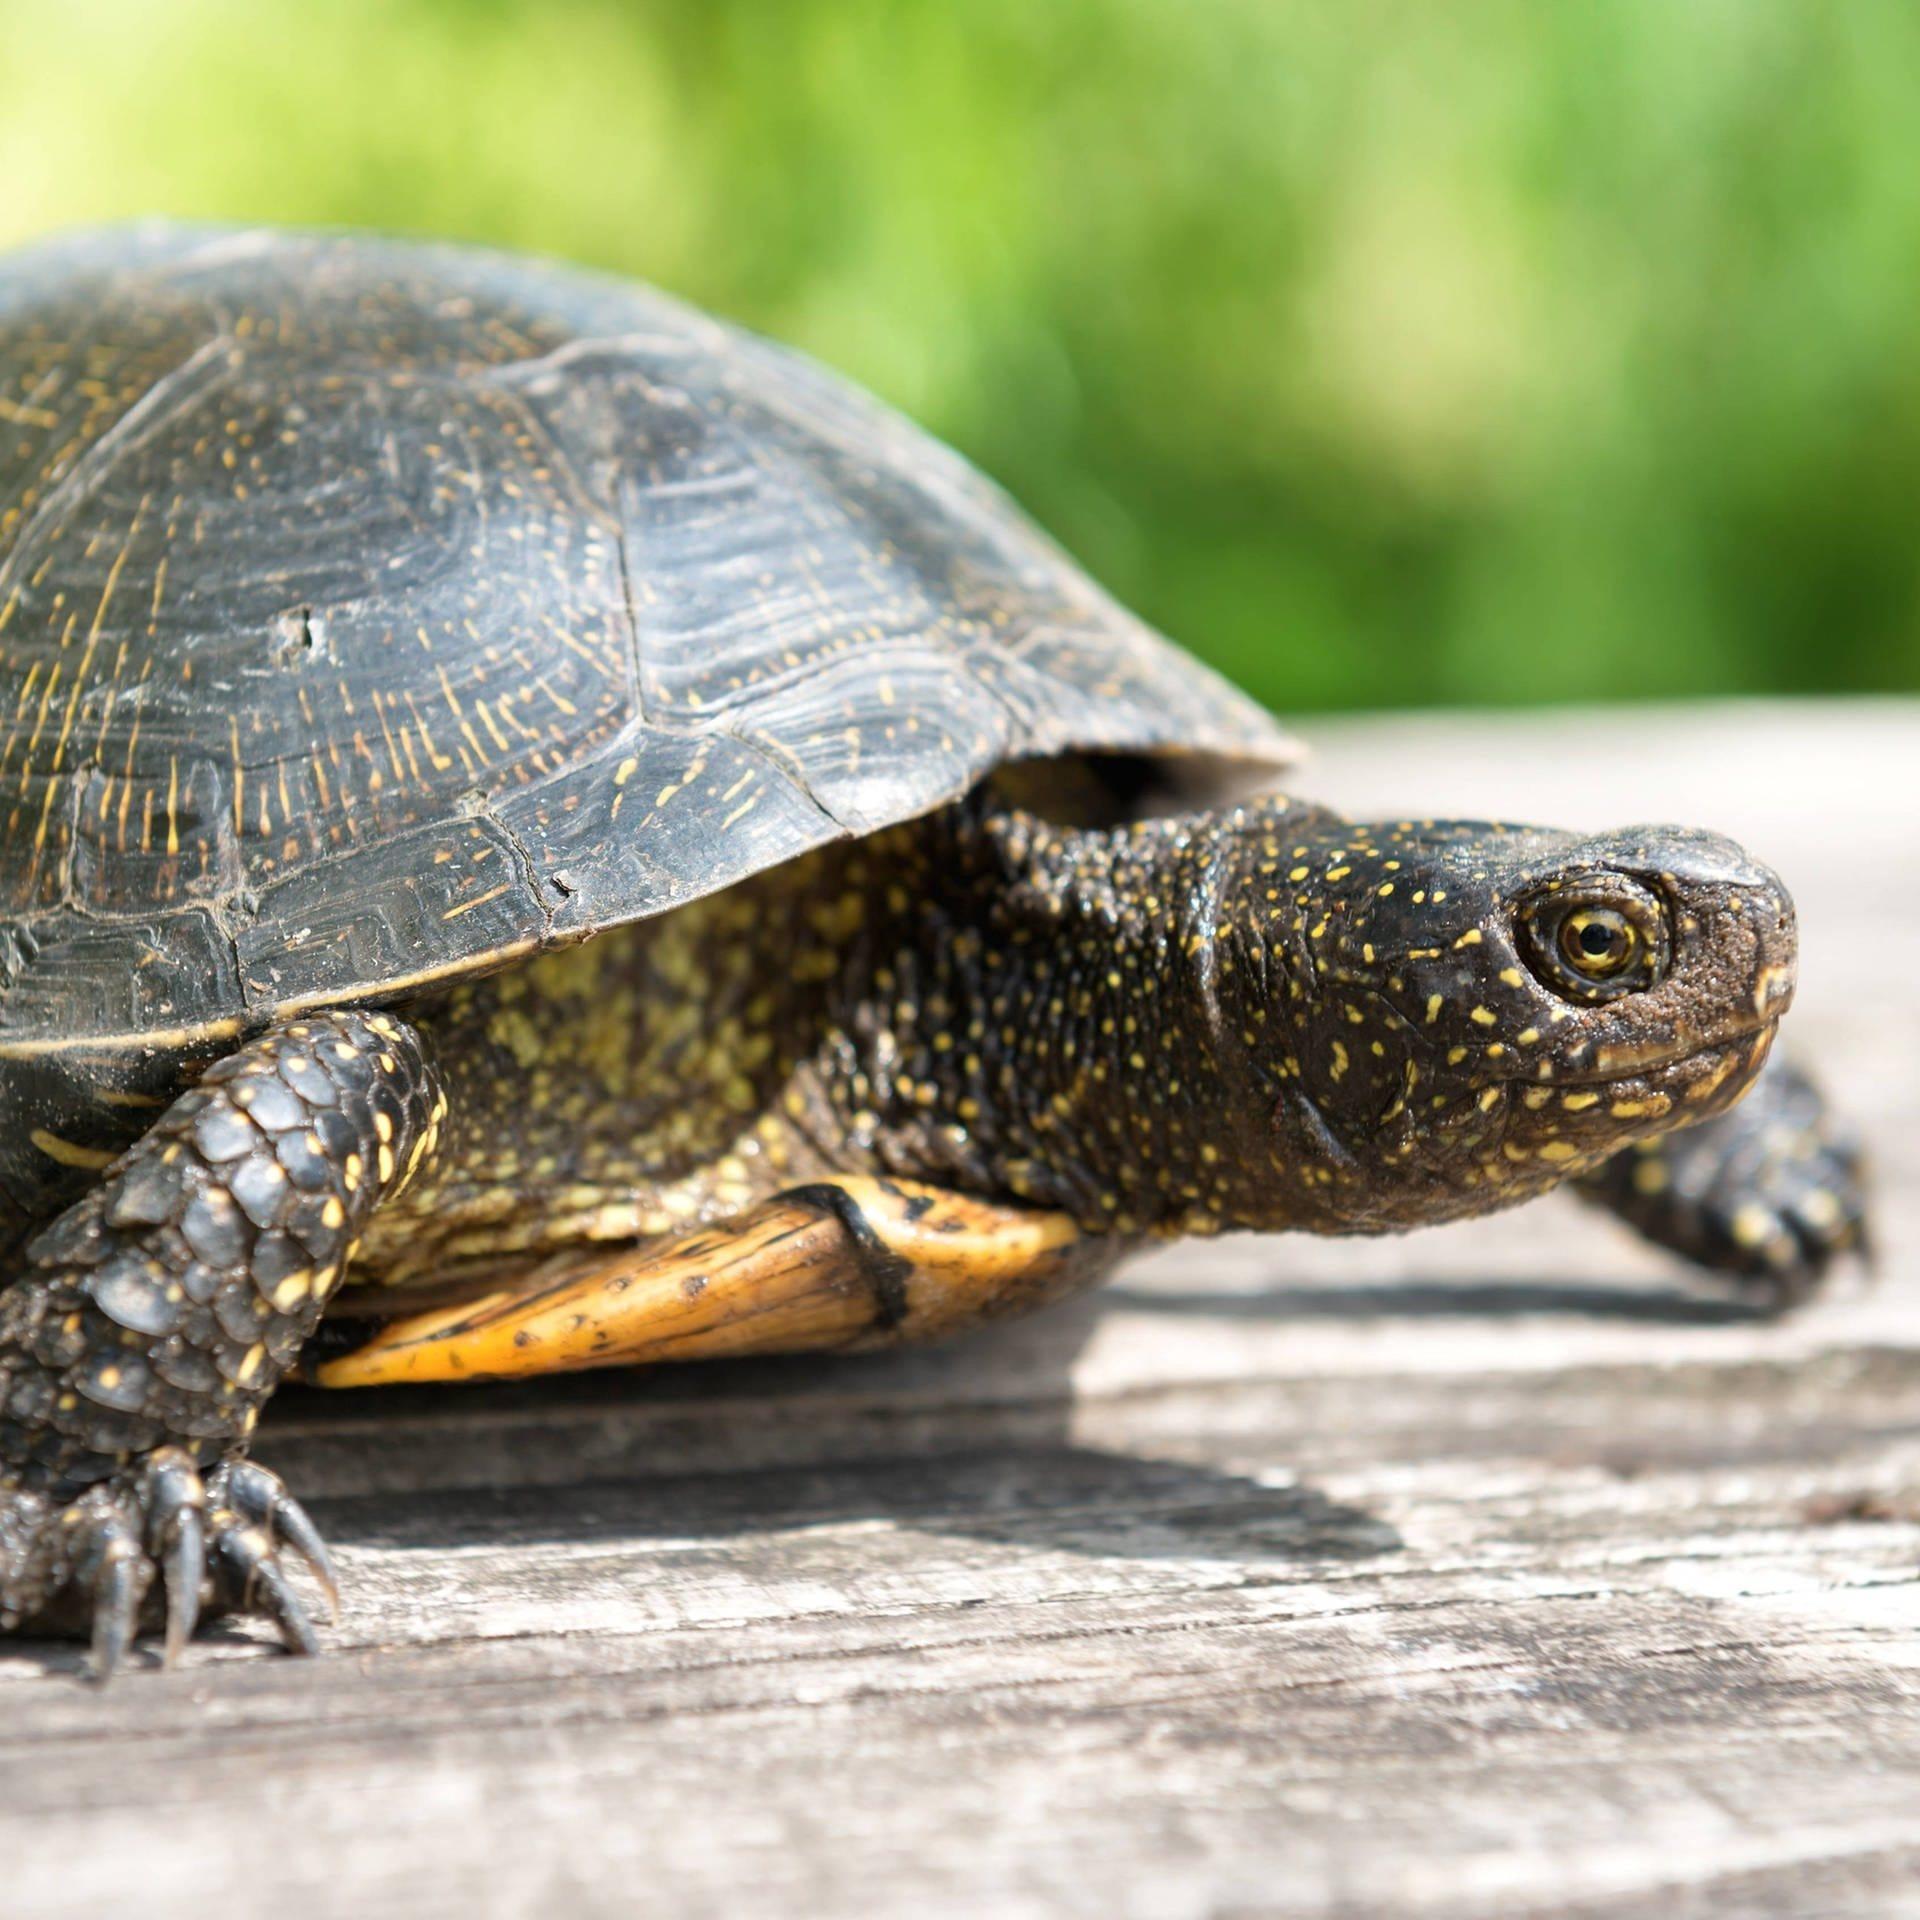 Schildkröten-Geschichten – Literatur der Langsamkeit